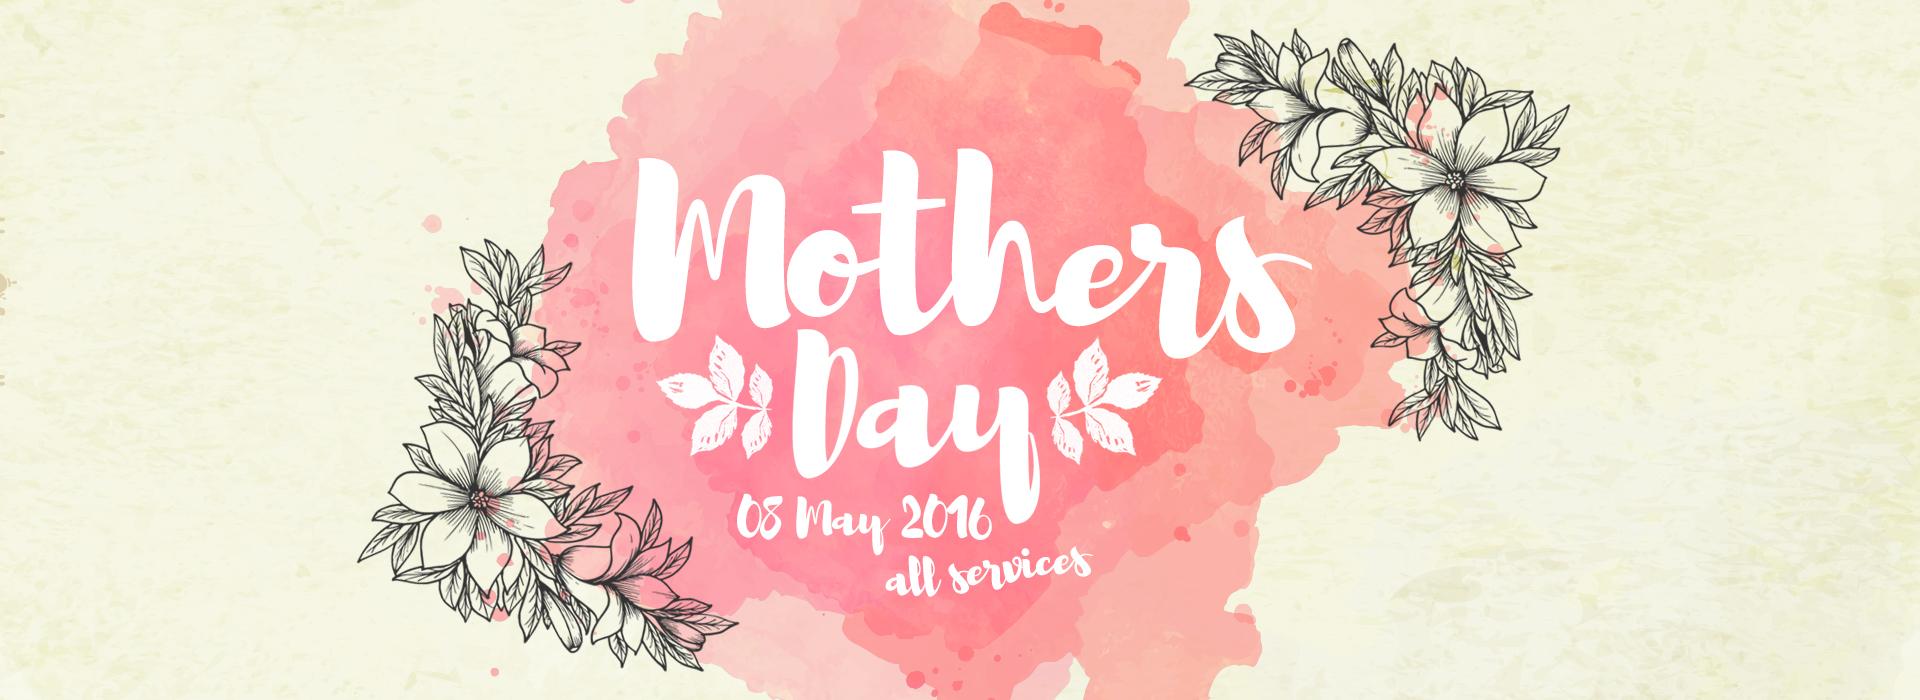 MothersDay_WebBanner